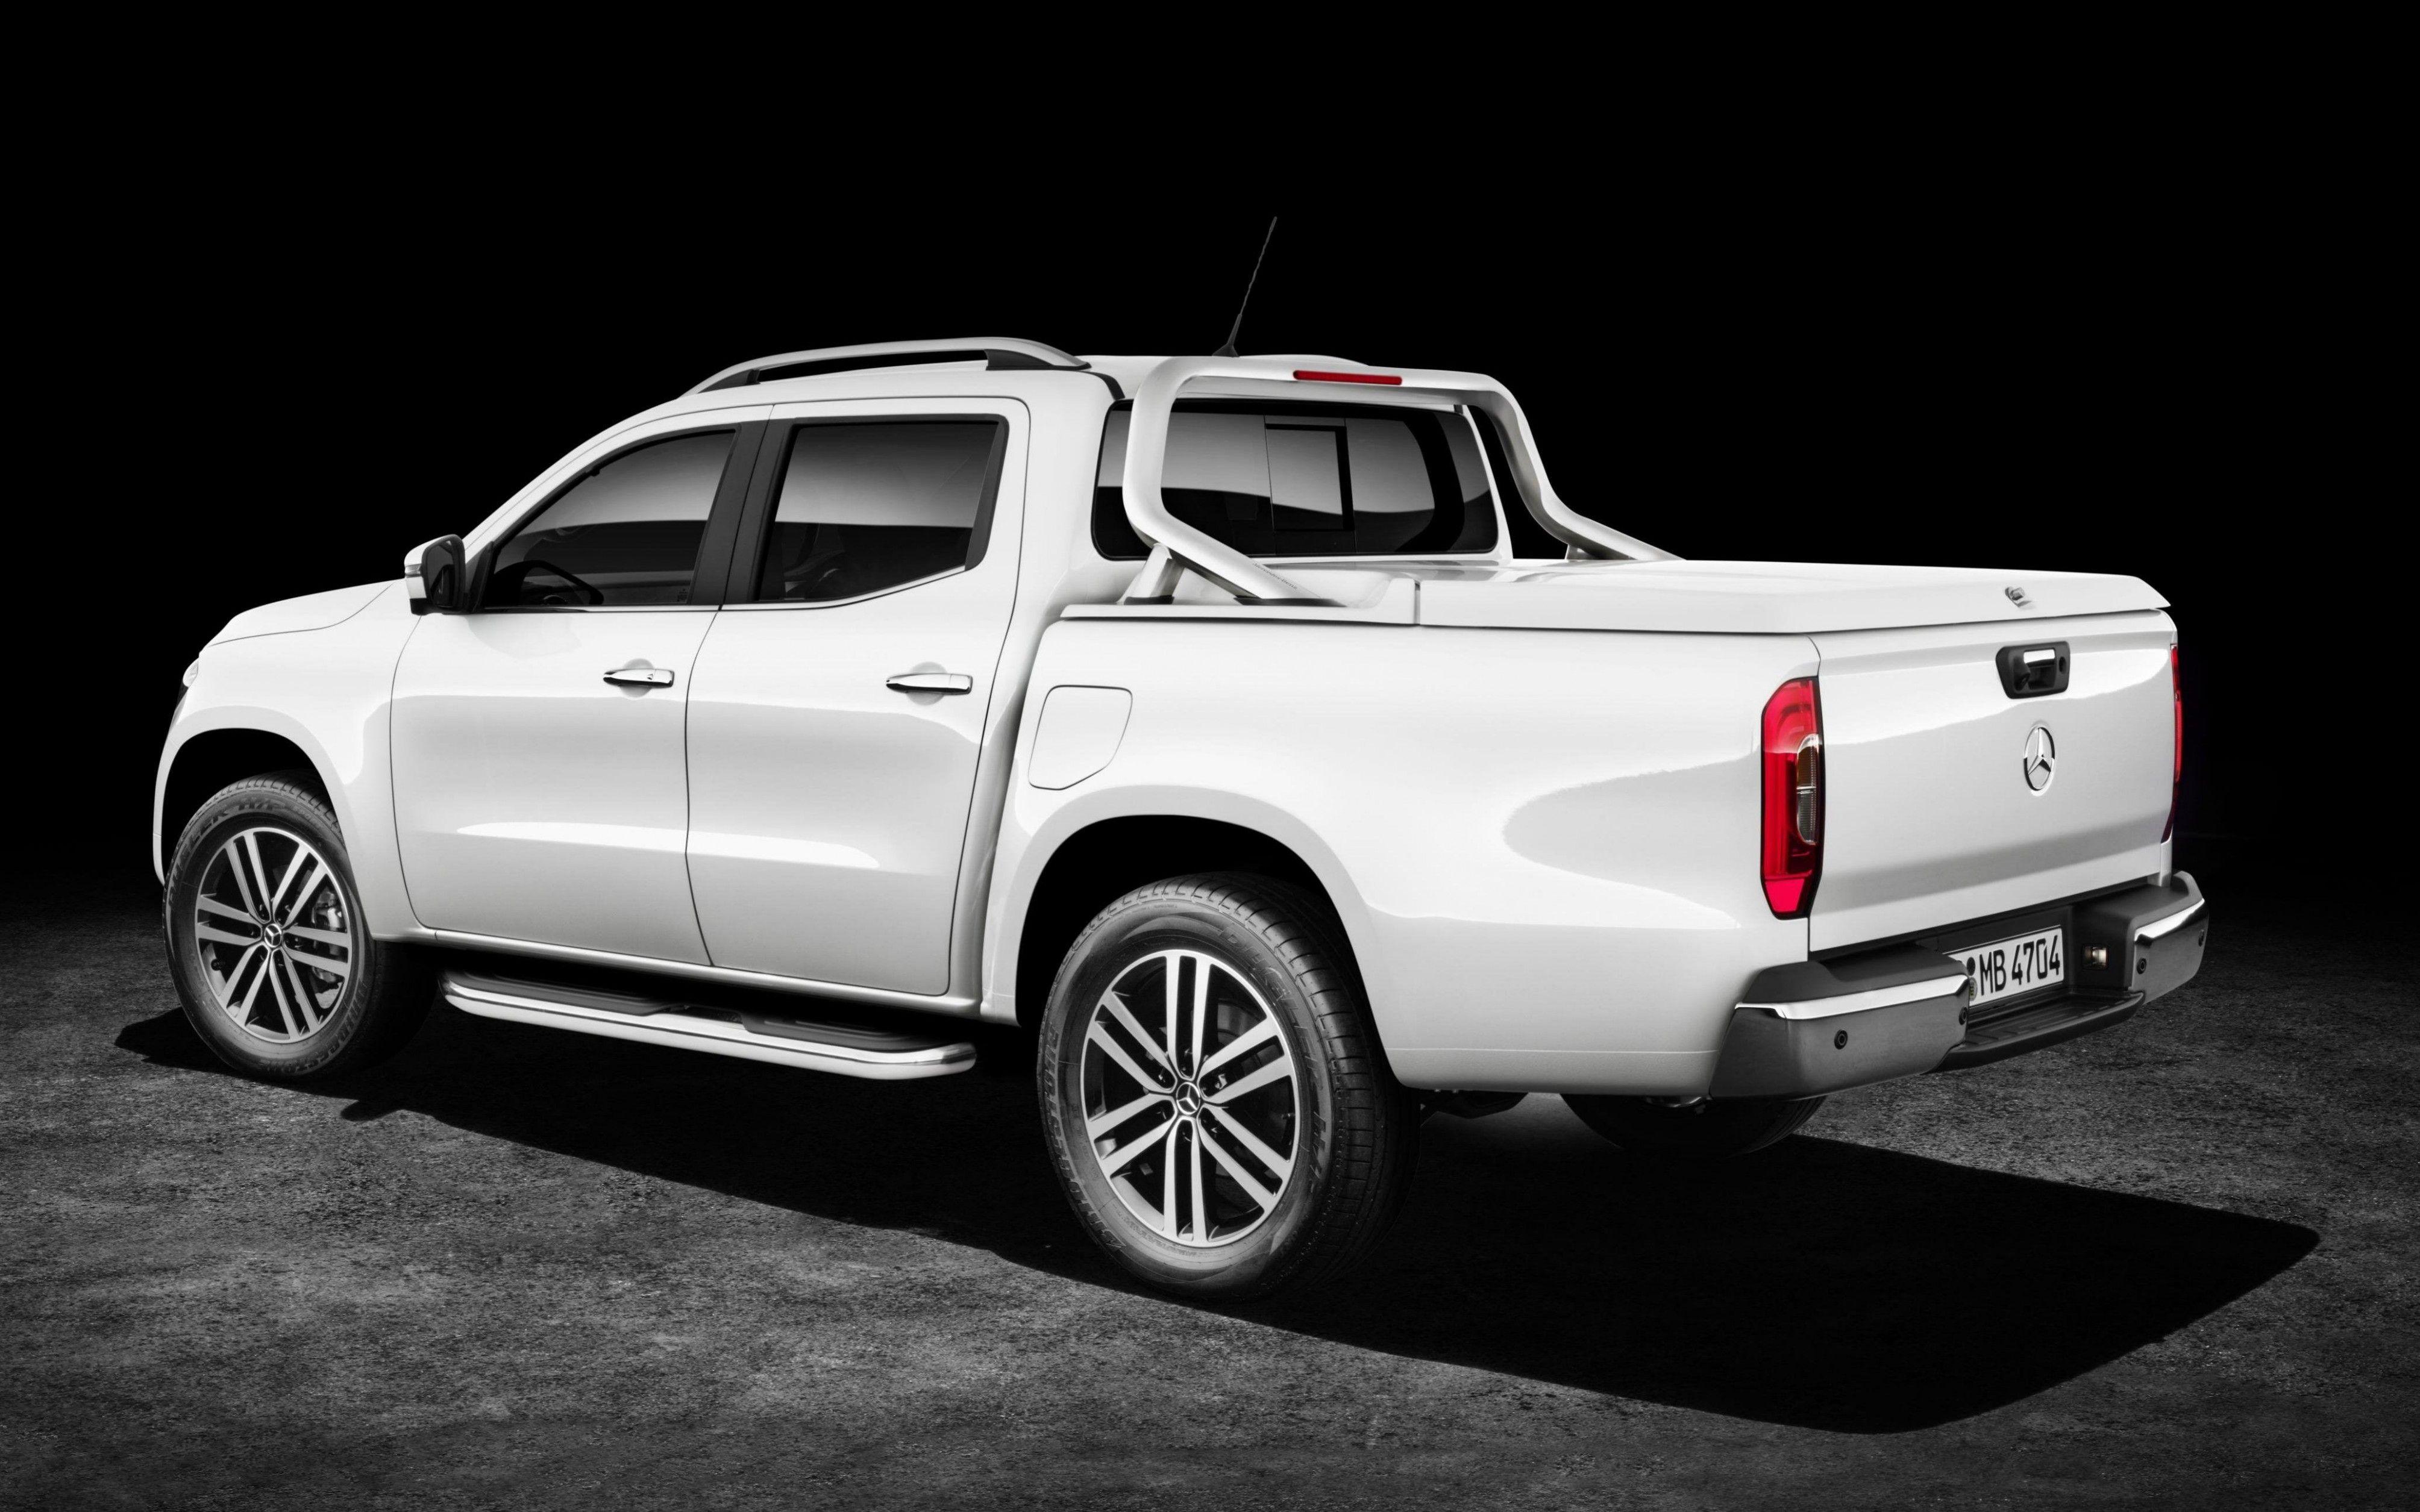 Mercedes Pickup 2020 New Model And Dengan Gambar Mobil